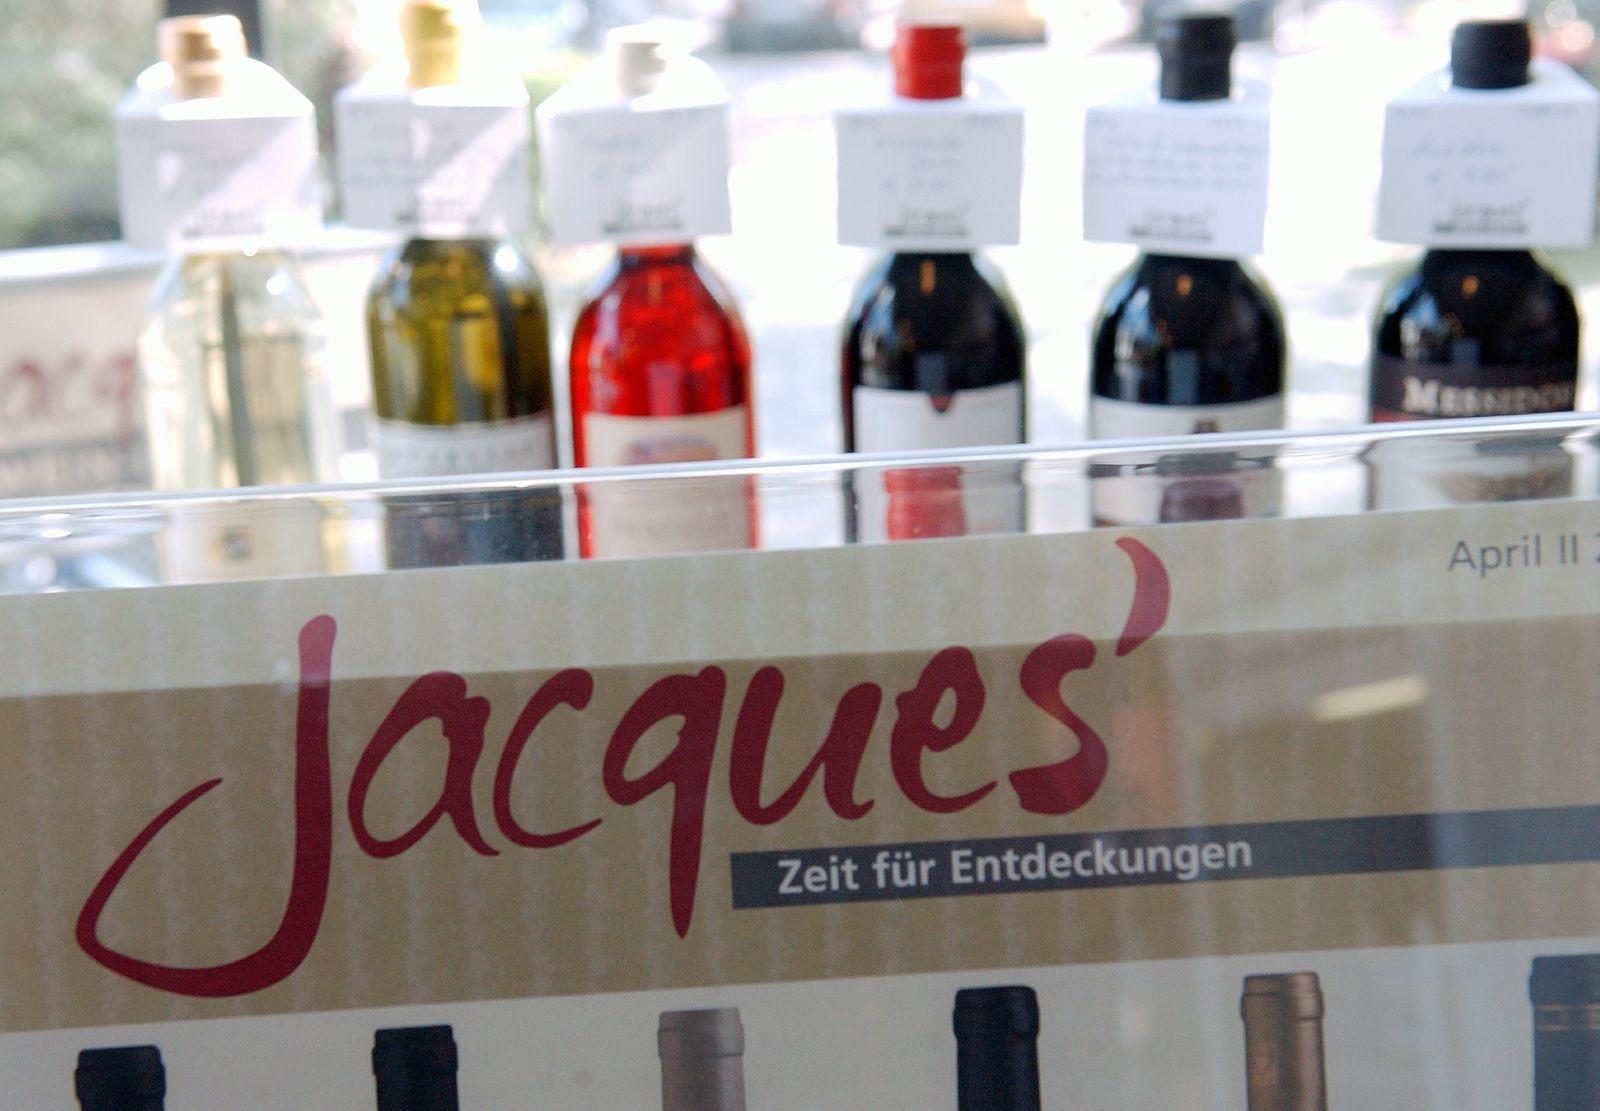 Weinhändler Hawesko wächst trotz Konsumflaute (Kopie)